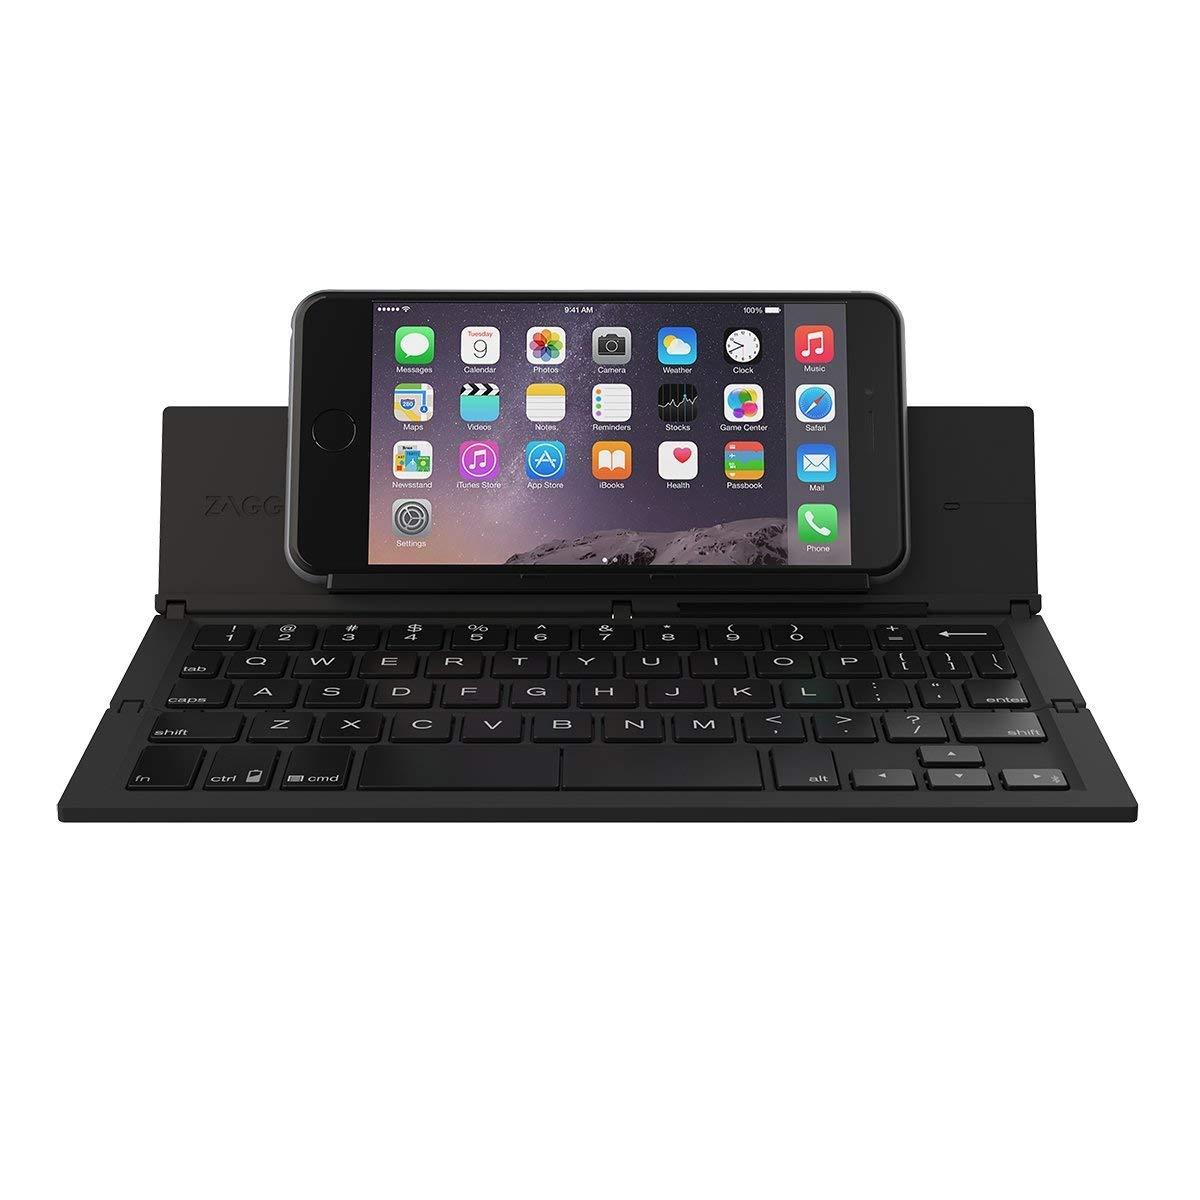 Univerzální Bluetooth klávesnice pro mobil nebo tablet - ZAGGkeys, Pocket CZ/SK